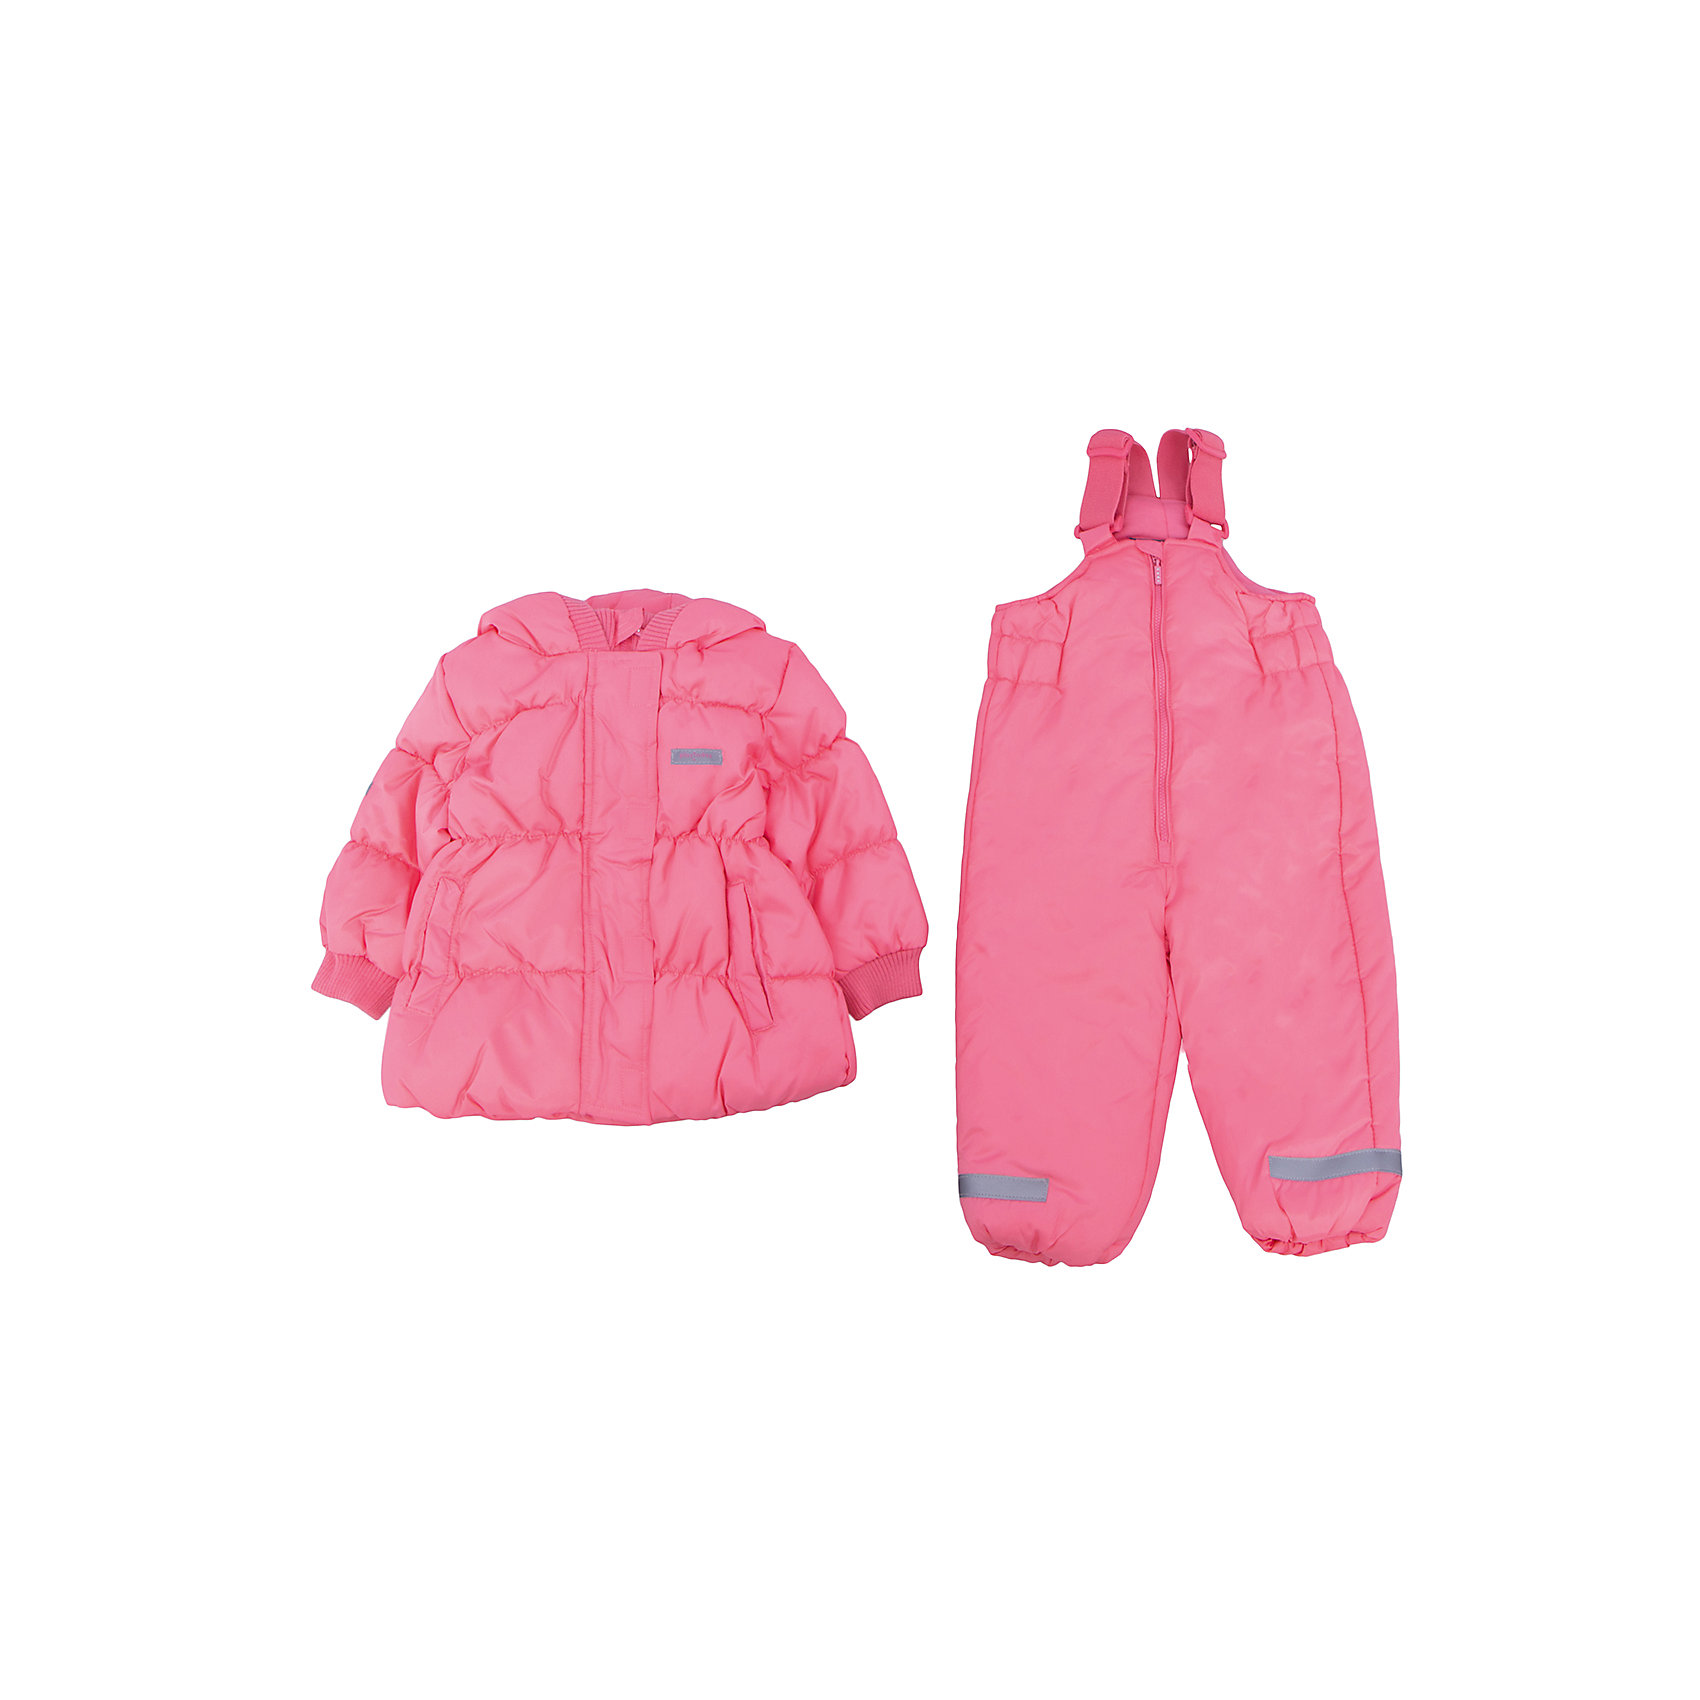 Комплект: куртка и полукомбинезон для девочки PlayTodayВерхняя одежда<br>Комплект: куртка и полукомбинезон для девочки от известного бренда PlayToday.<br>Теплый комплект из стеганой куртки и полукомбинезона нежно-кораллового цвета. <br>Куртка застегивается на молнию с защитой подбородка, есть ветрозащитная планка на липучках, как на спортивной одежде. Внутри уютная хлопковая подкладка. Капюшон, воротник и рукава на мягкой трикотажной резинке для защиты от ветра. Есть два функциональных кармана и светоотражатели.<br>Полукомбинезон застегивается на молнию, пуллер украшен сверкающими стразами. Бретели регулируются по длине, низ штанишек на резинке. Внутри<br>Состав:<br>Верх: 100% полиэстер, подкладка: 60% хлопок, 40% полиэстер, наполнитель: 100% полиэстер, 250 г/м2<br><br>Ширина мм: 157<br>Глубина мм: 13<br>Высота мм: 119<br>Вес г: 200<br>Цвет: розовый<br>Возраст от месяцев: 12<br>Возраст до месяцев: 15<br>Пол: Женский<br>Возраст: Детский<br>Размер: 80,92,74,86<br>SKU: 4900514